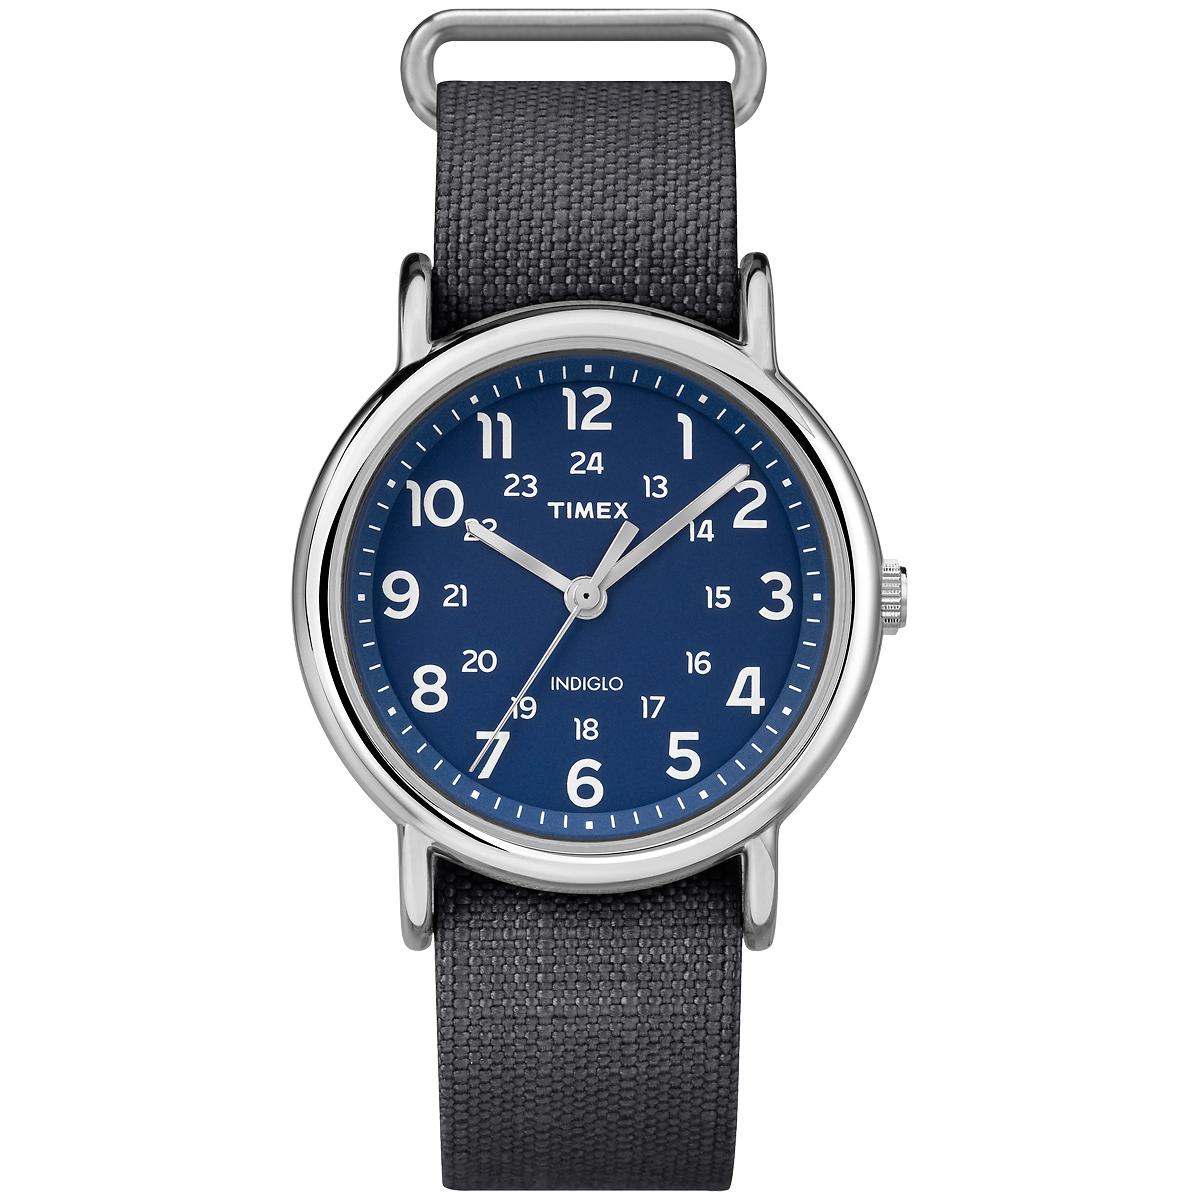 TIMEX WEEKENDER RIP-STOP - GREY/BLUE (TW2P657009J)